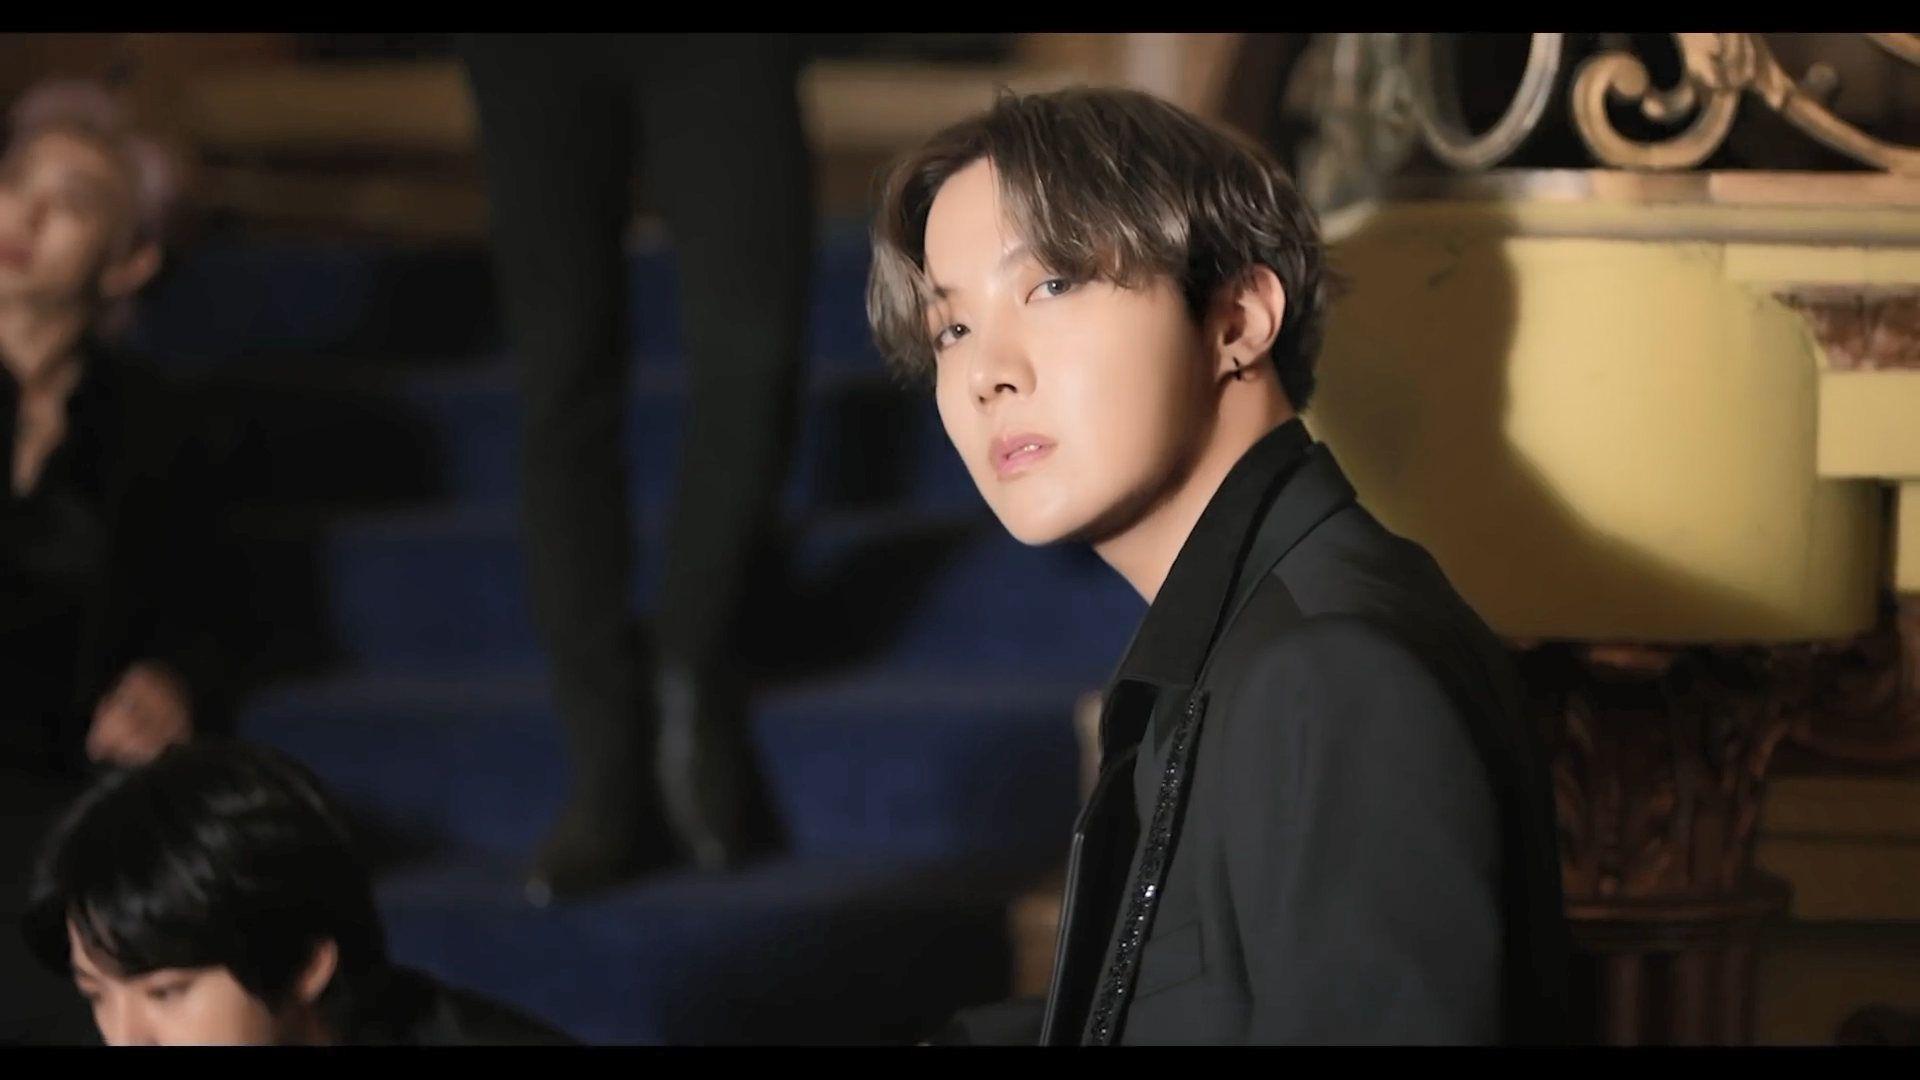 BTS Jhope Black Swan in 2020 Bts j hope, Black swan, Hoseok